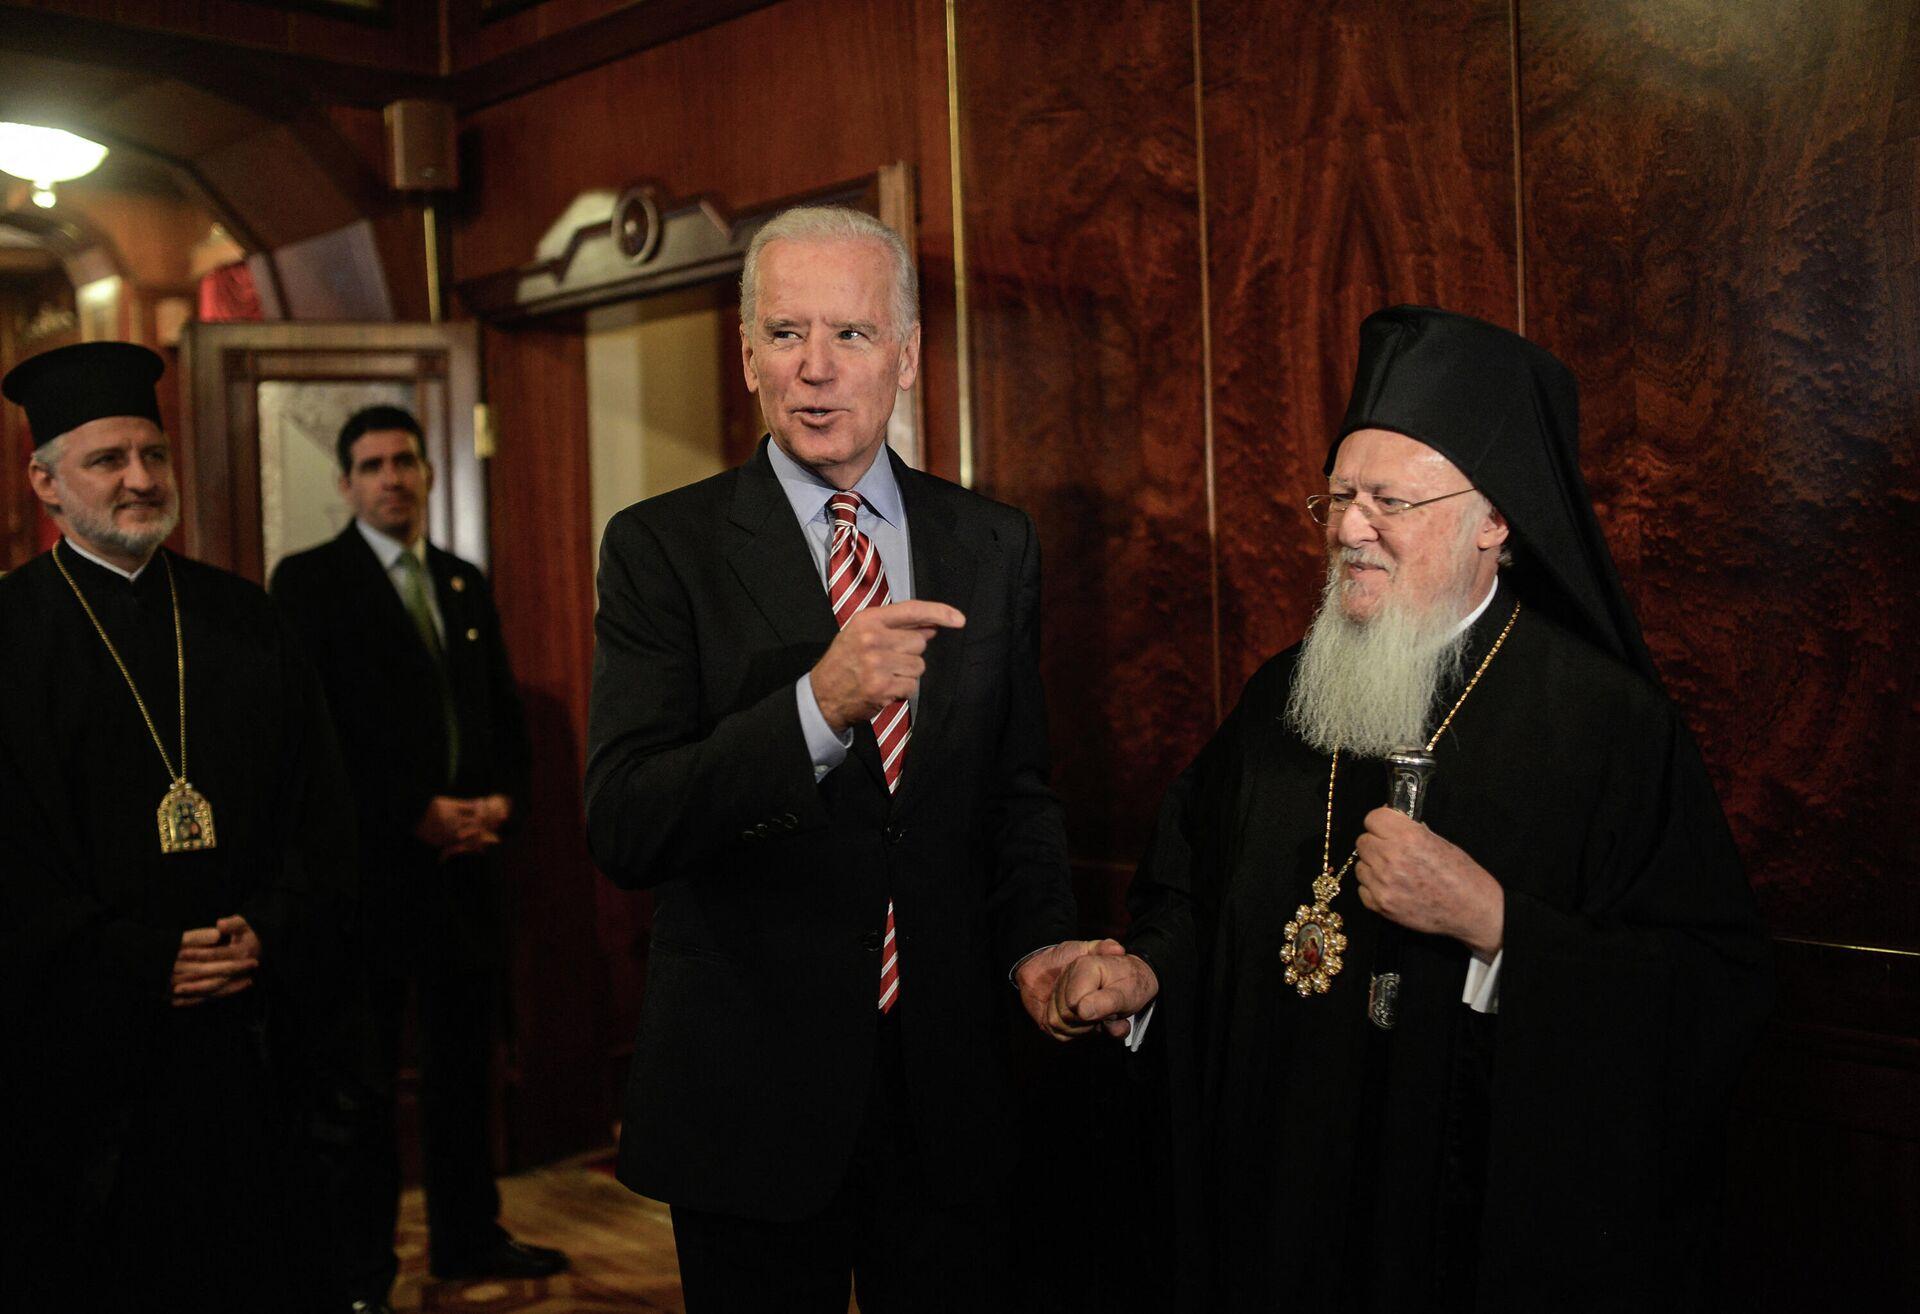 Вице-президент США Джо Байден и православный патриарх Варфоломей I во время встречи в Стамбуле - РИА Новости, 1920, 13.04.2021